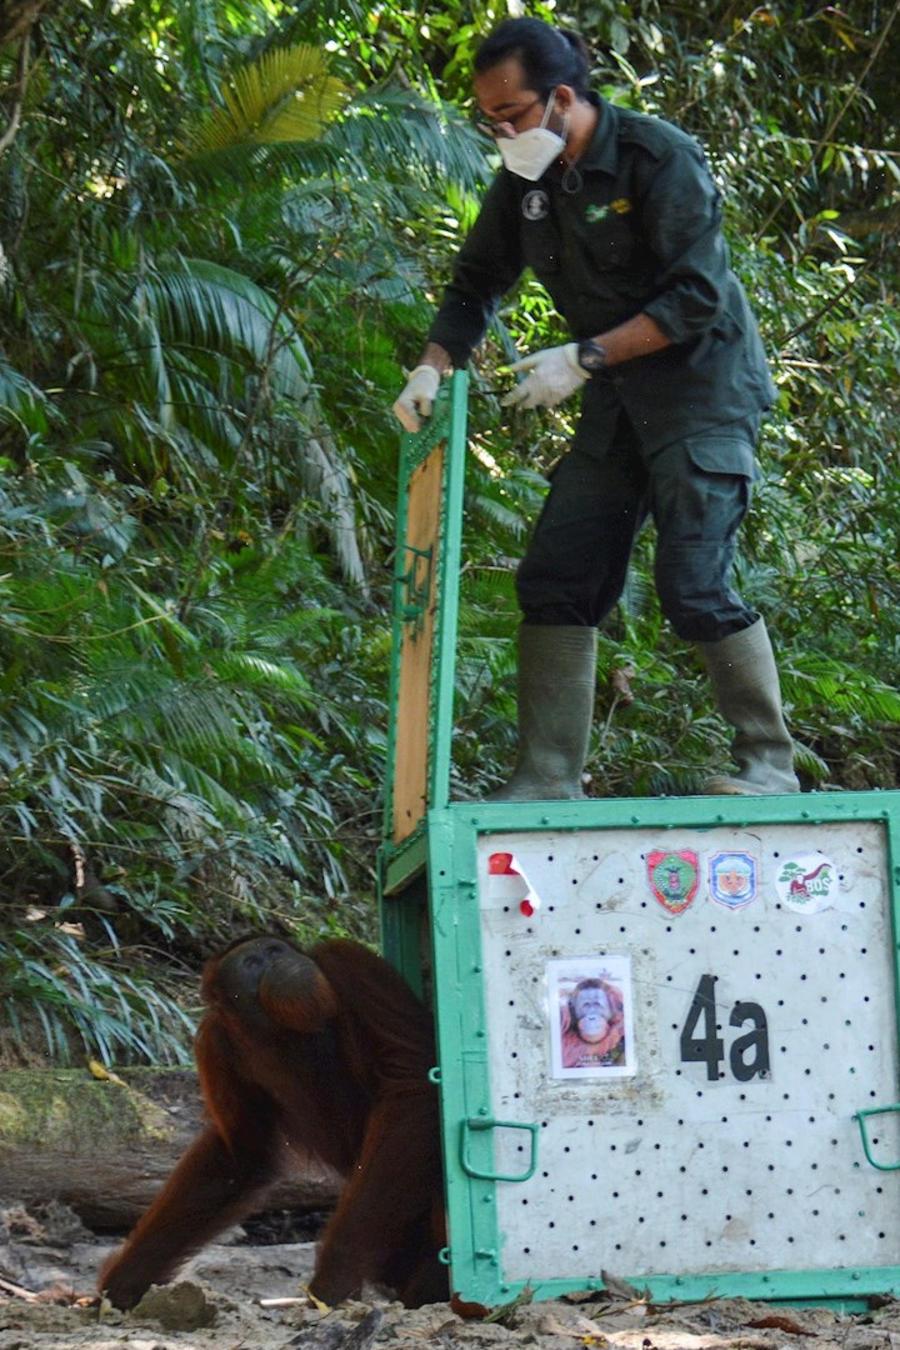 Liberan a una decena de orangutanes en Indonesia